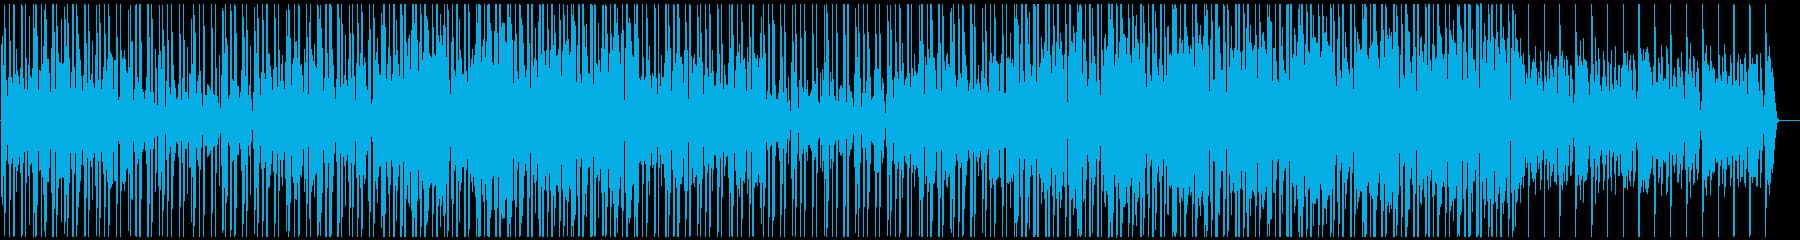 都会的・エレガント ローファイなジャズの再生済みの波形